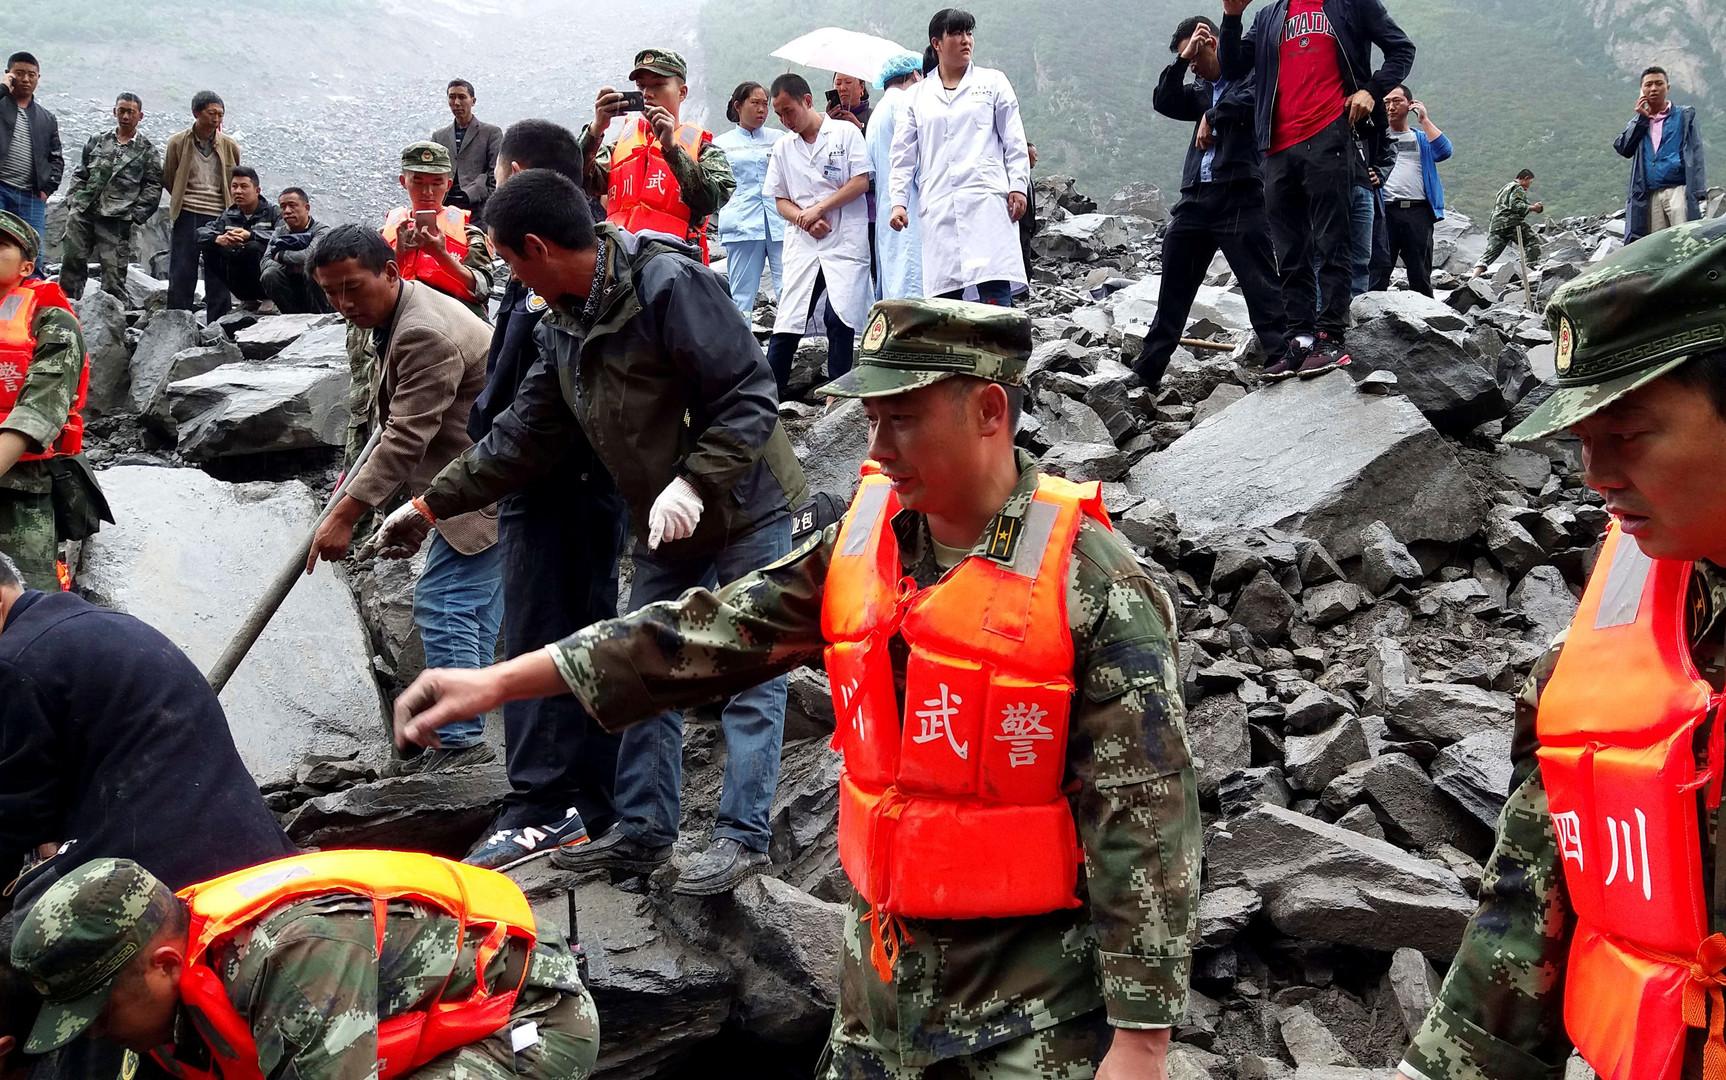 Chine : au moins 141 personnes disparues dans un glissement de terrain (PHOTOS)